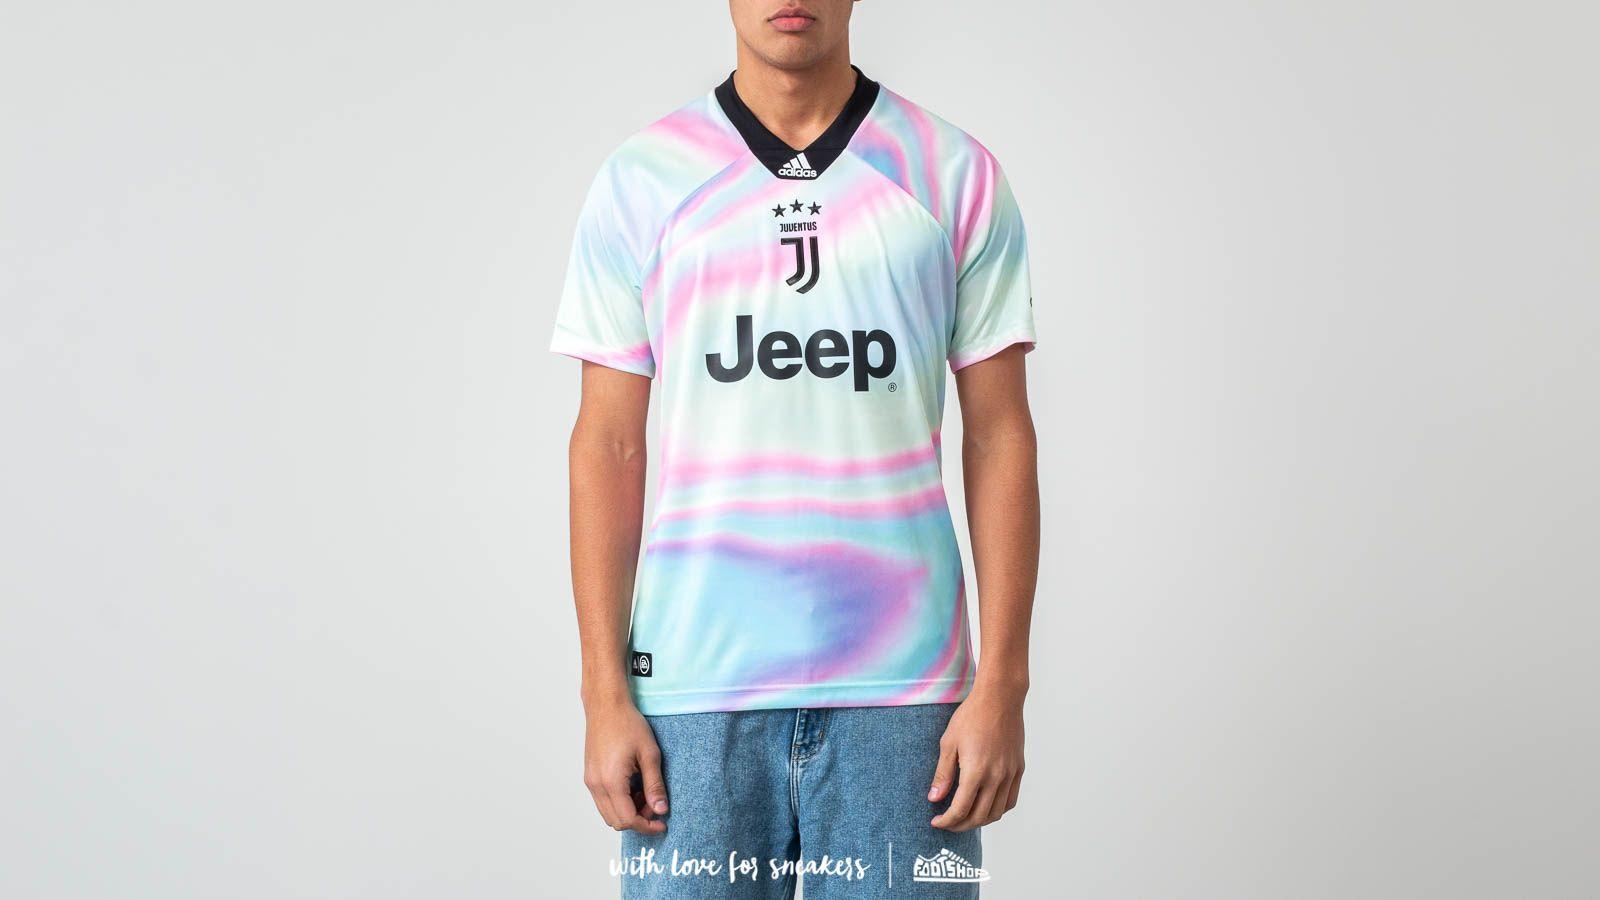 adidas jeep shirt pink